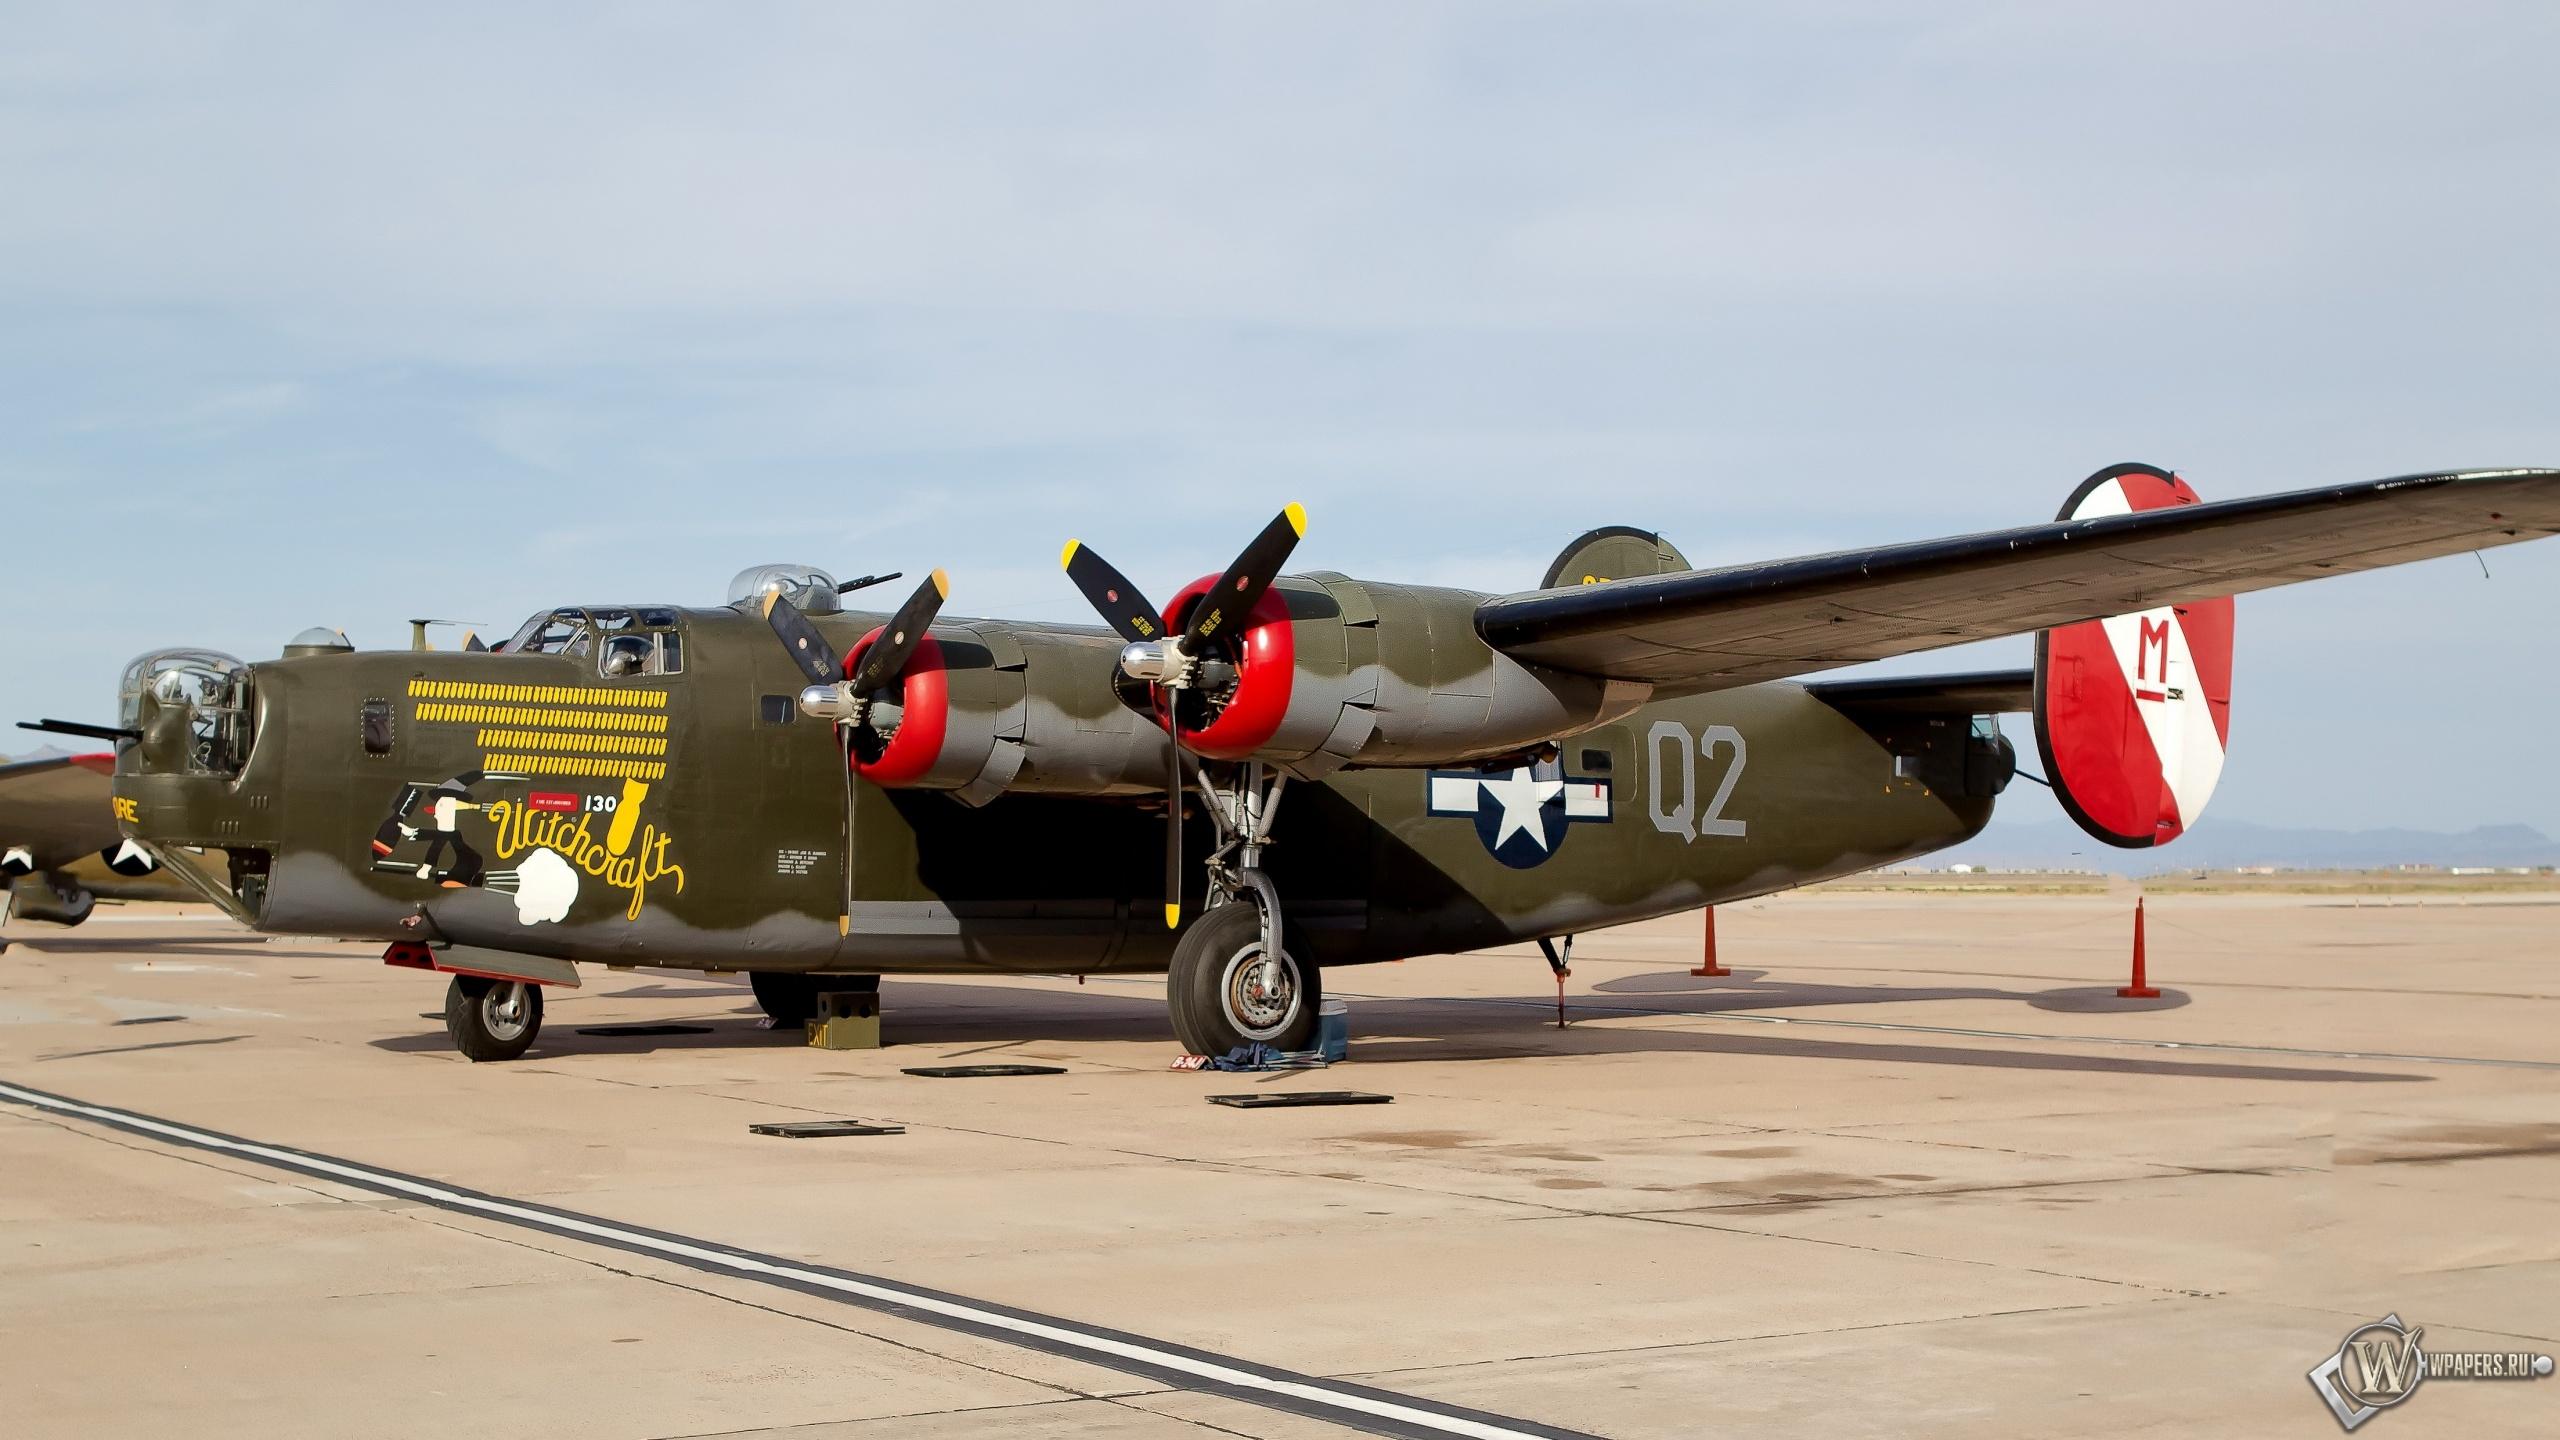 B-24 Liberator 2560x1440